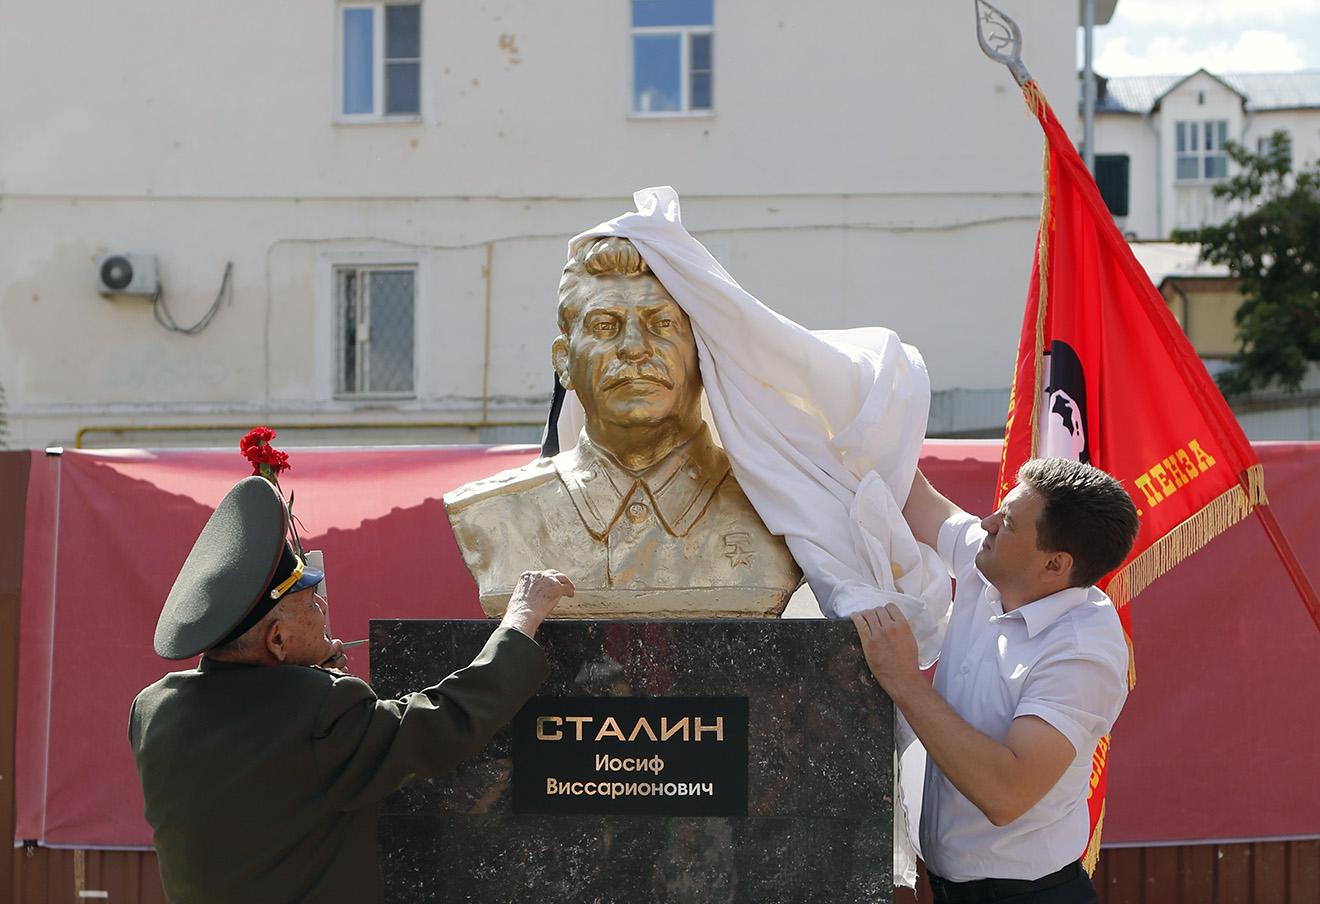 Открытие памятника И.В. Сталину в Пензе, 9 сентября 2015 года.